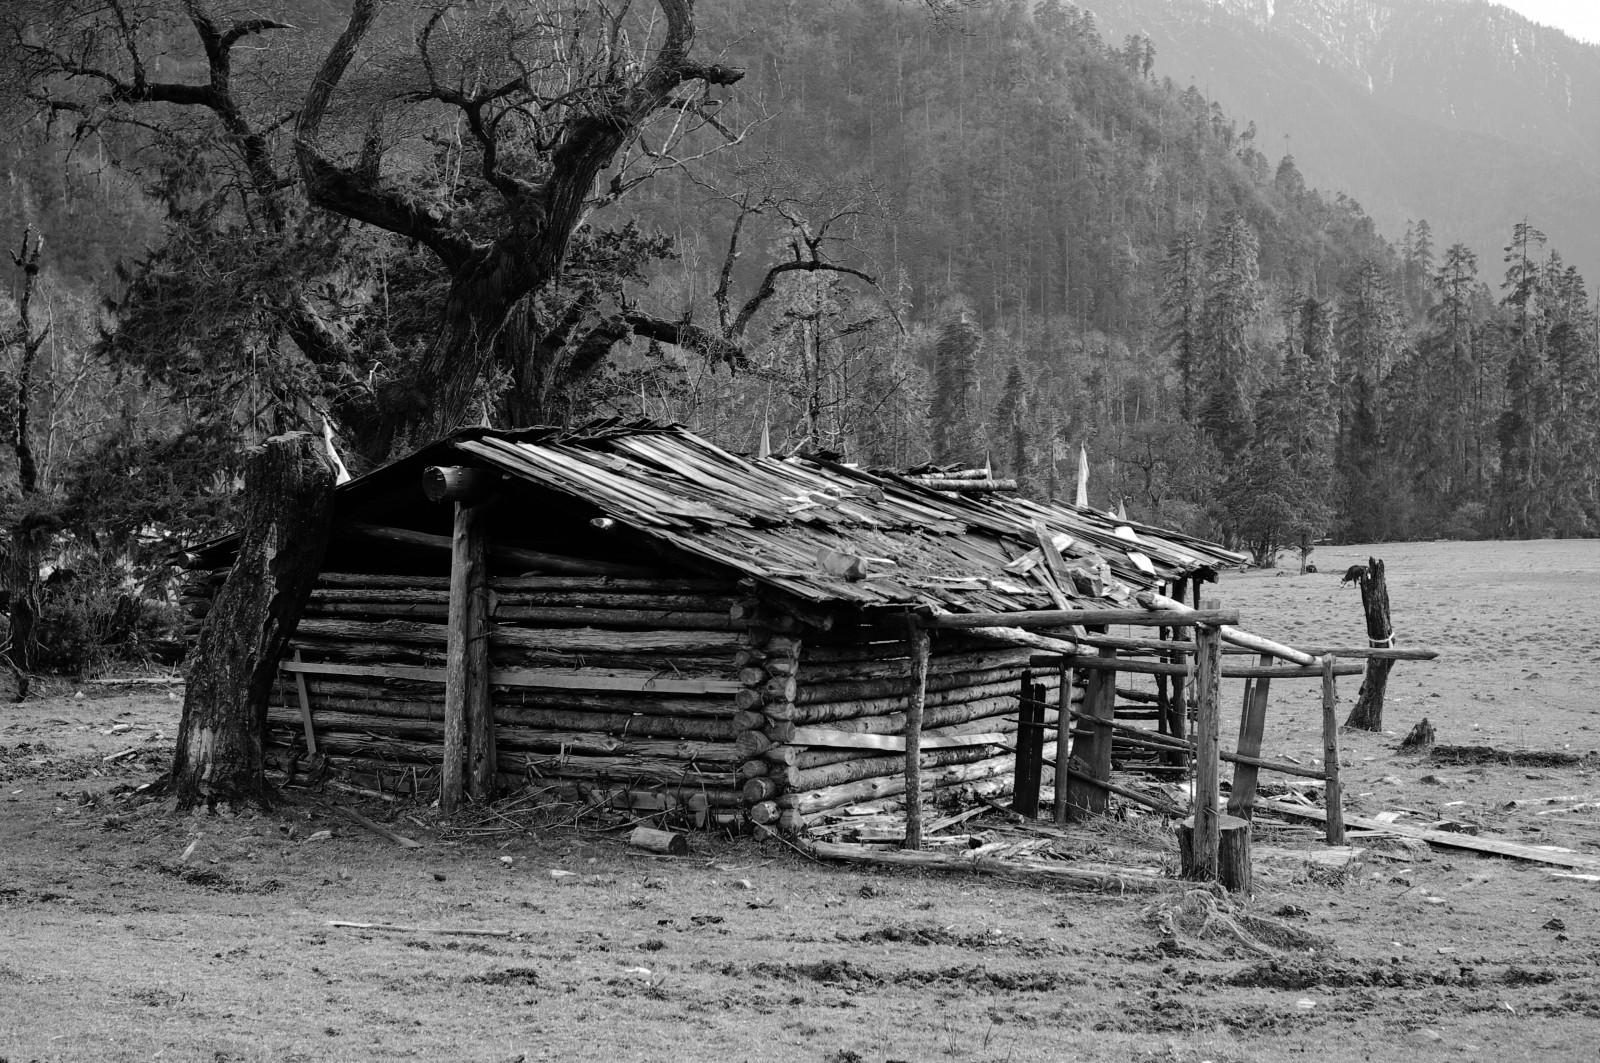 Fond d 39 cran paysage monochrome hiver bois maison for Agrandissement maison zone rurale